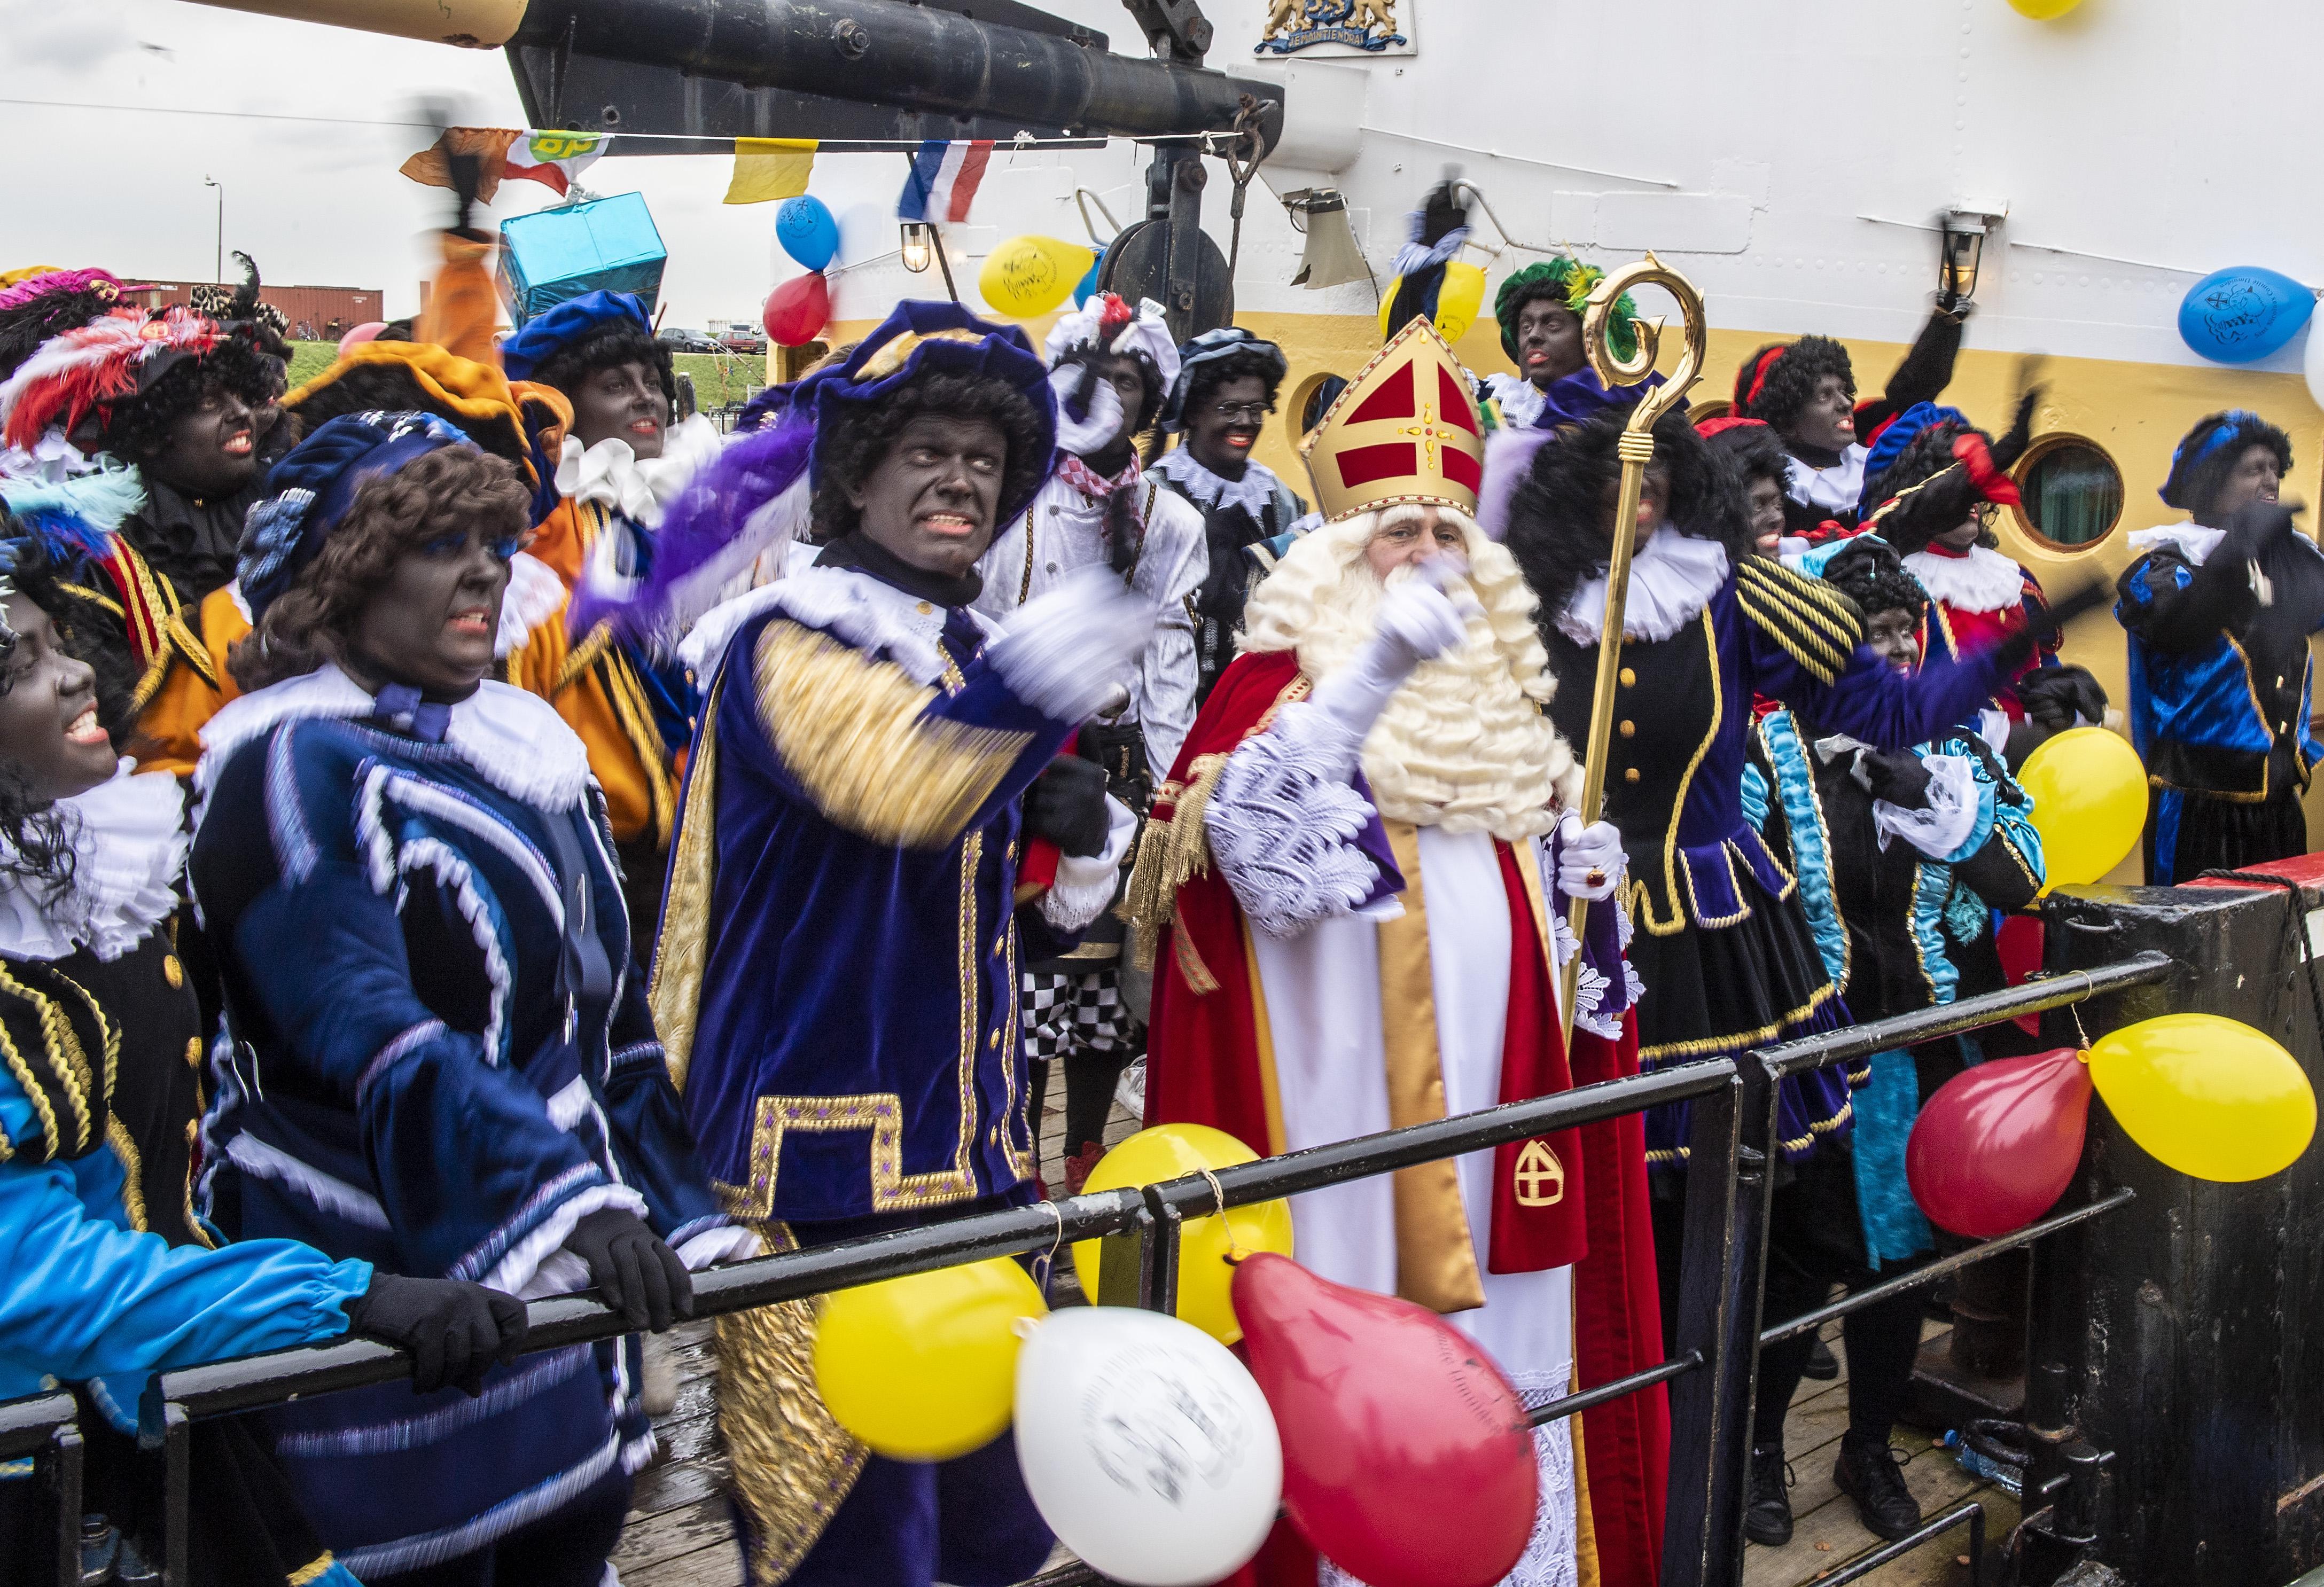 Scholen in de IJmond moeten Zwarte Piet in de ban doen: regionale onderwijskoepels willen ook oorspronkelijke naam 'sidekick' van Sinterklaas niet meer horen